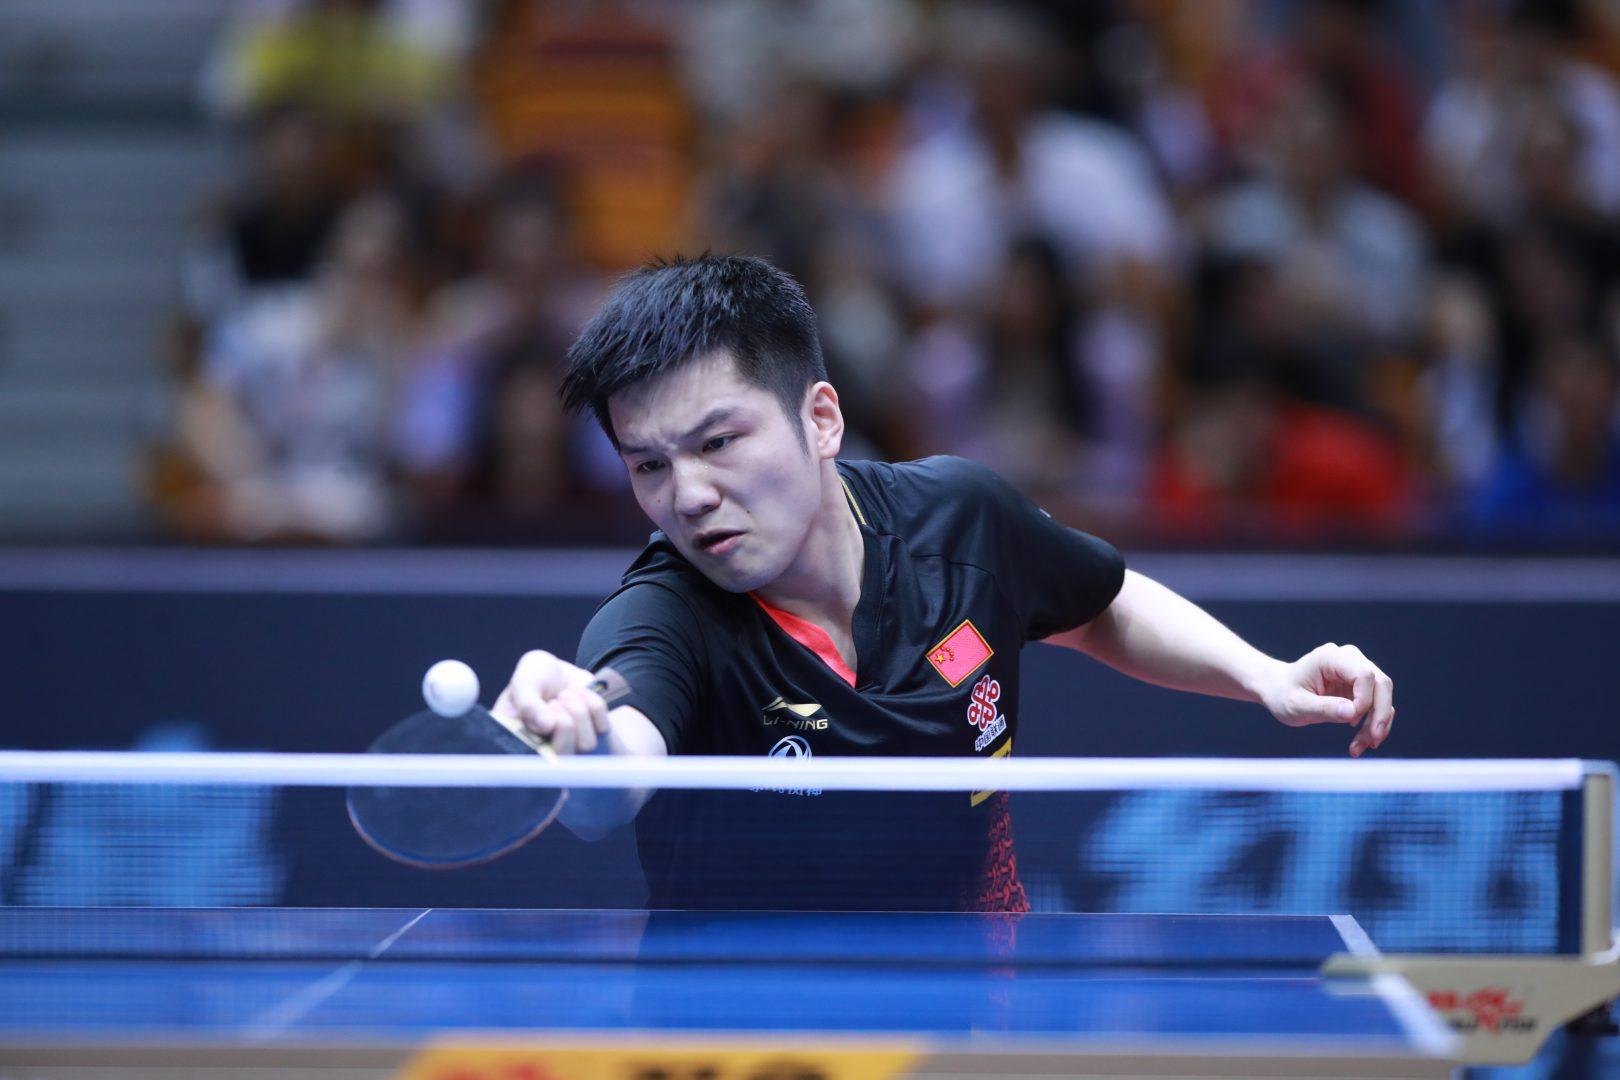 【卓球】張本は4位をキープ 世界卓球準Vのファルクは初のトップ10|男子世界ランキング(6月最新発表)